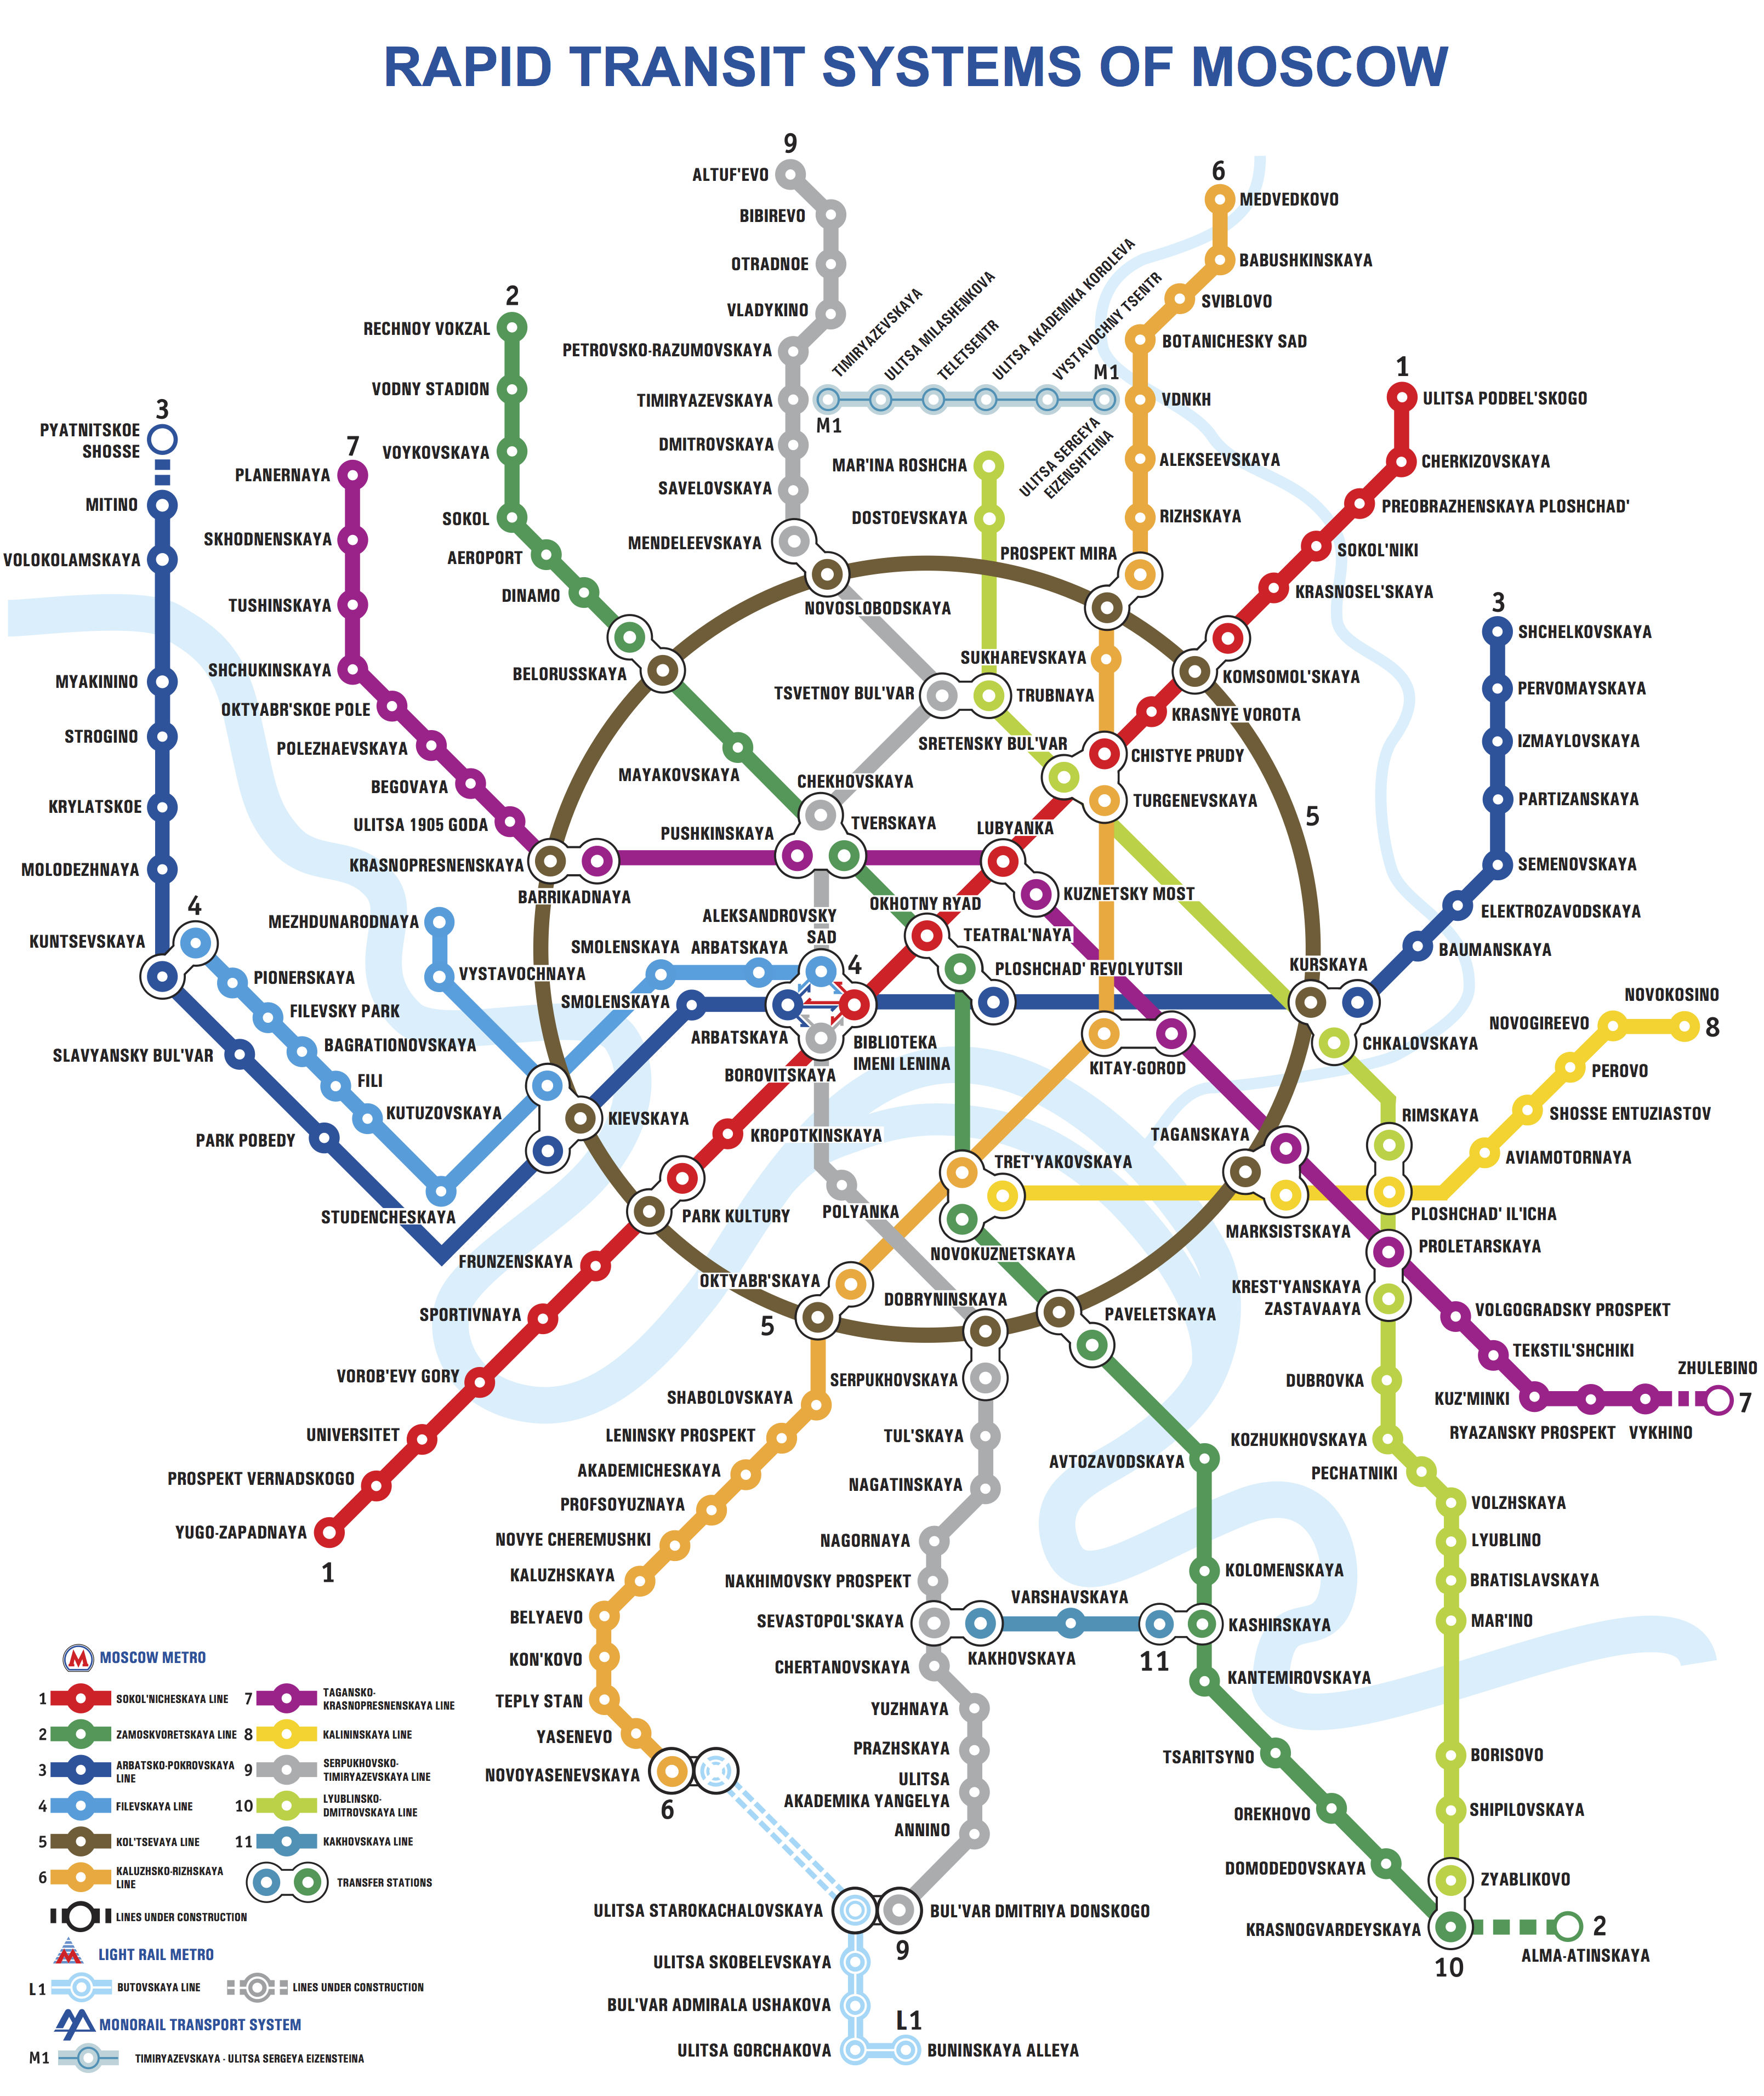 Шлюхи на метро фрунзенская 23 фотография